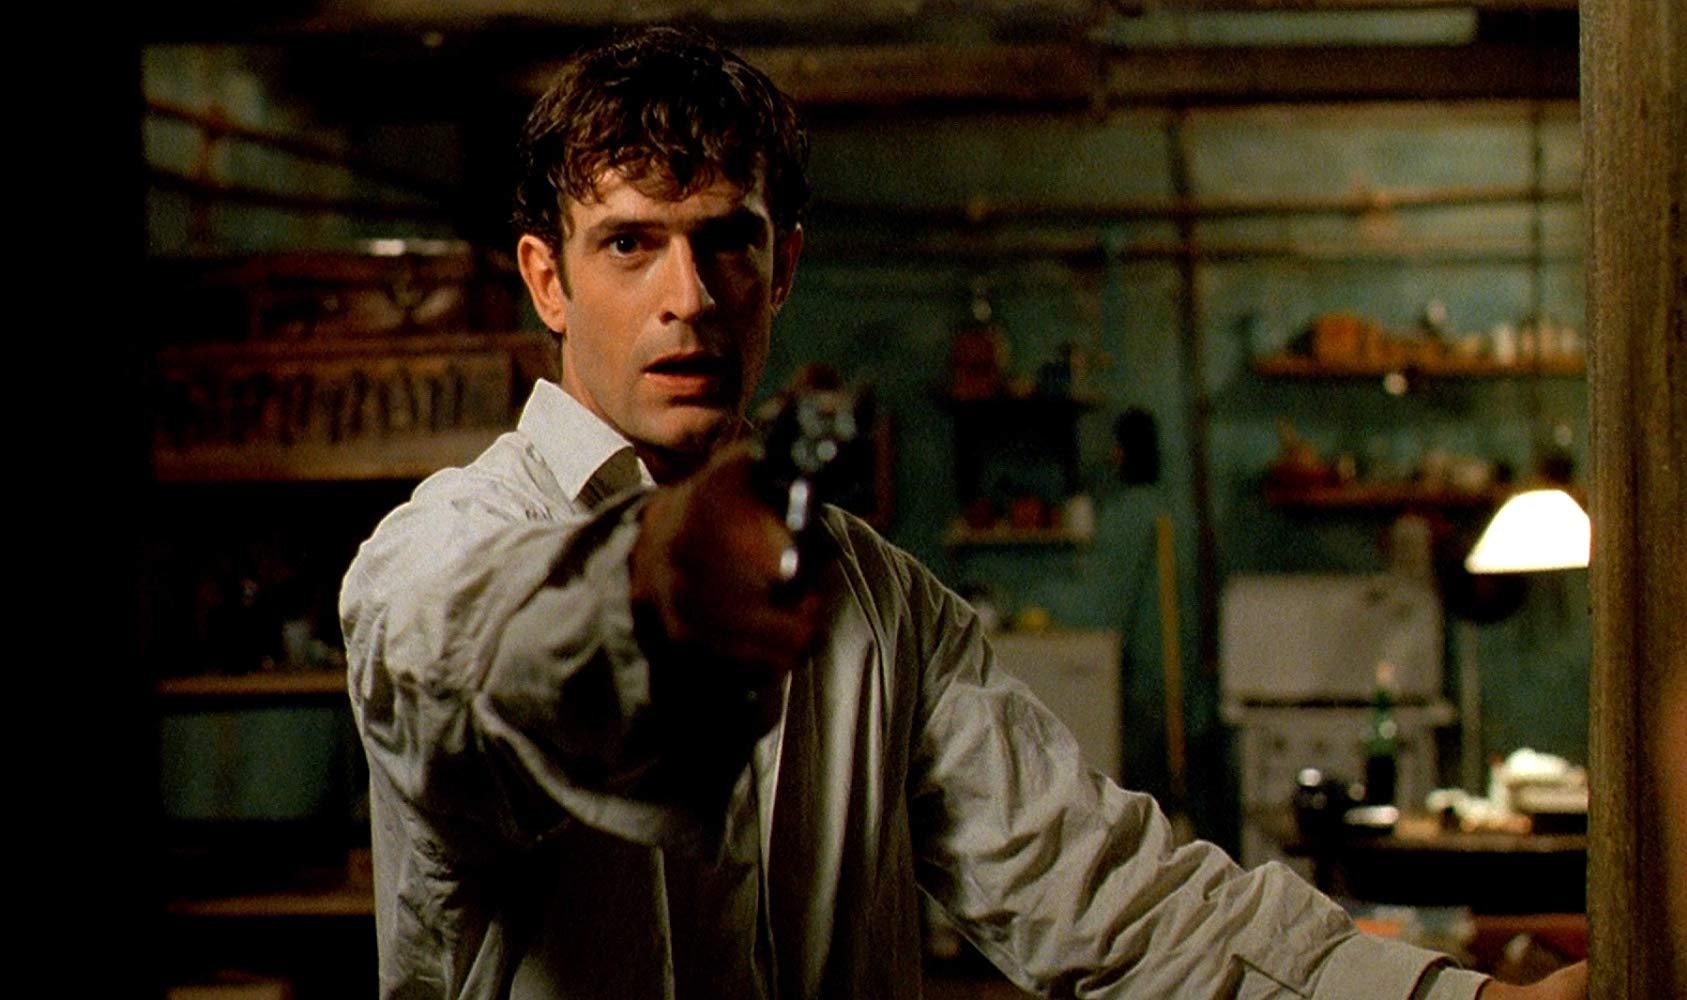 Rupert Everett as cemetery keeper Francesco Dellamorte in Dellamorte Dellamore (1994)